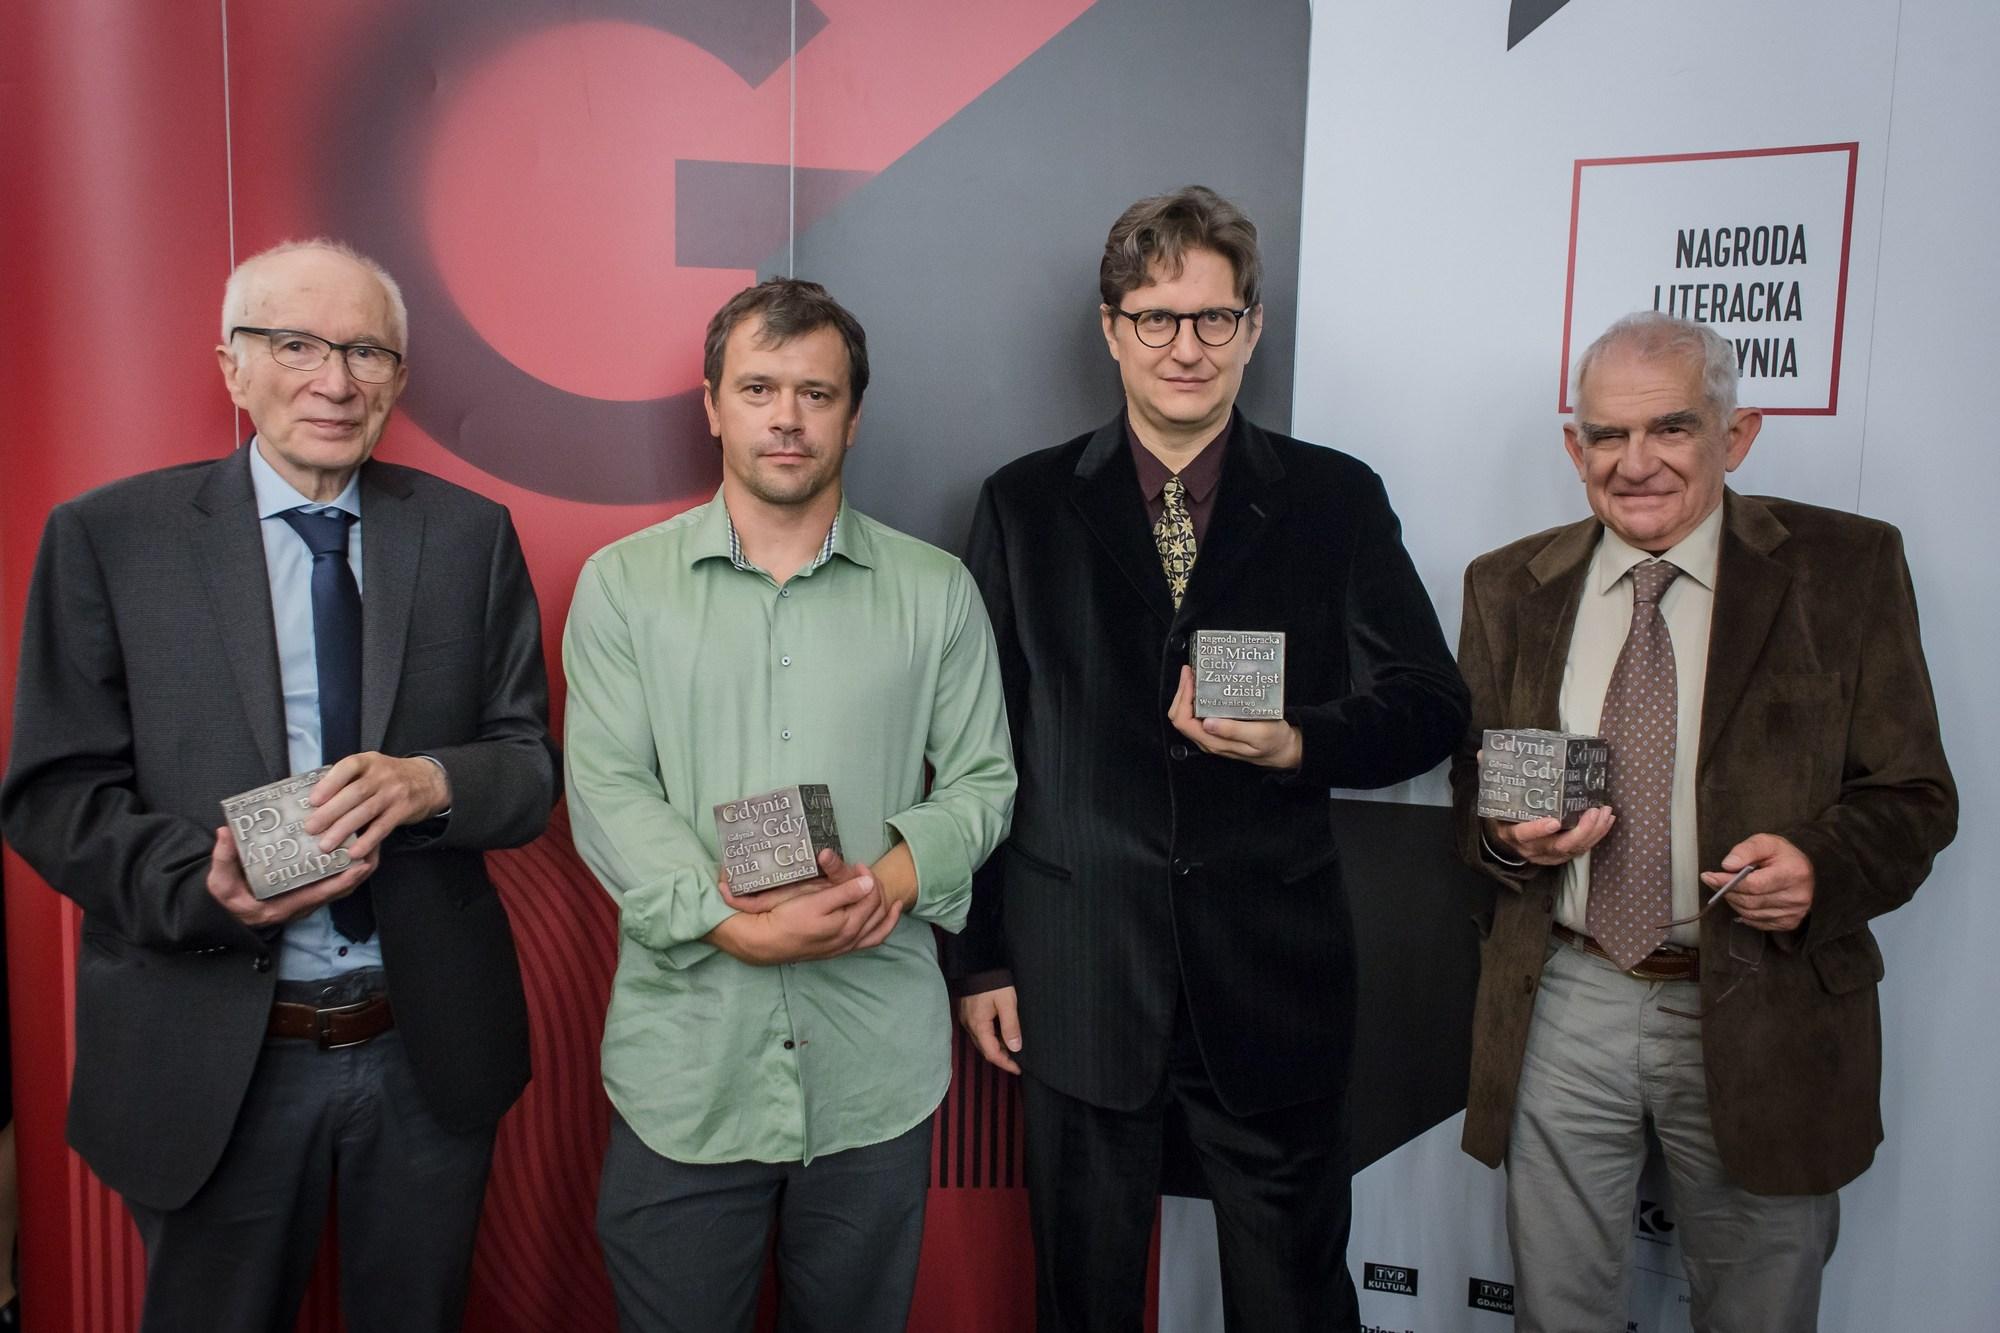 Nagroda Literacka Gdynia 2015 – laureaci. Od lewej: P. Wierzbicki, P. Janicki, M. Cichy, W. Dłuski. Fot. Wojciech Rojek (źródło: materiały prasowe organizatora)